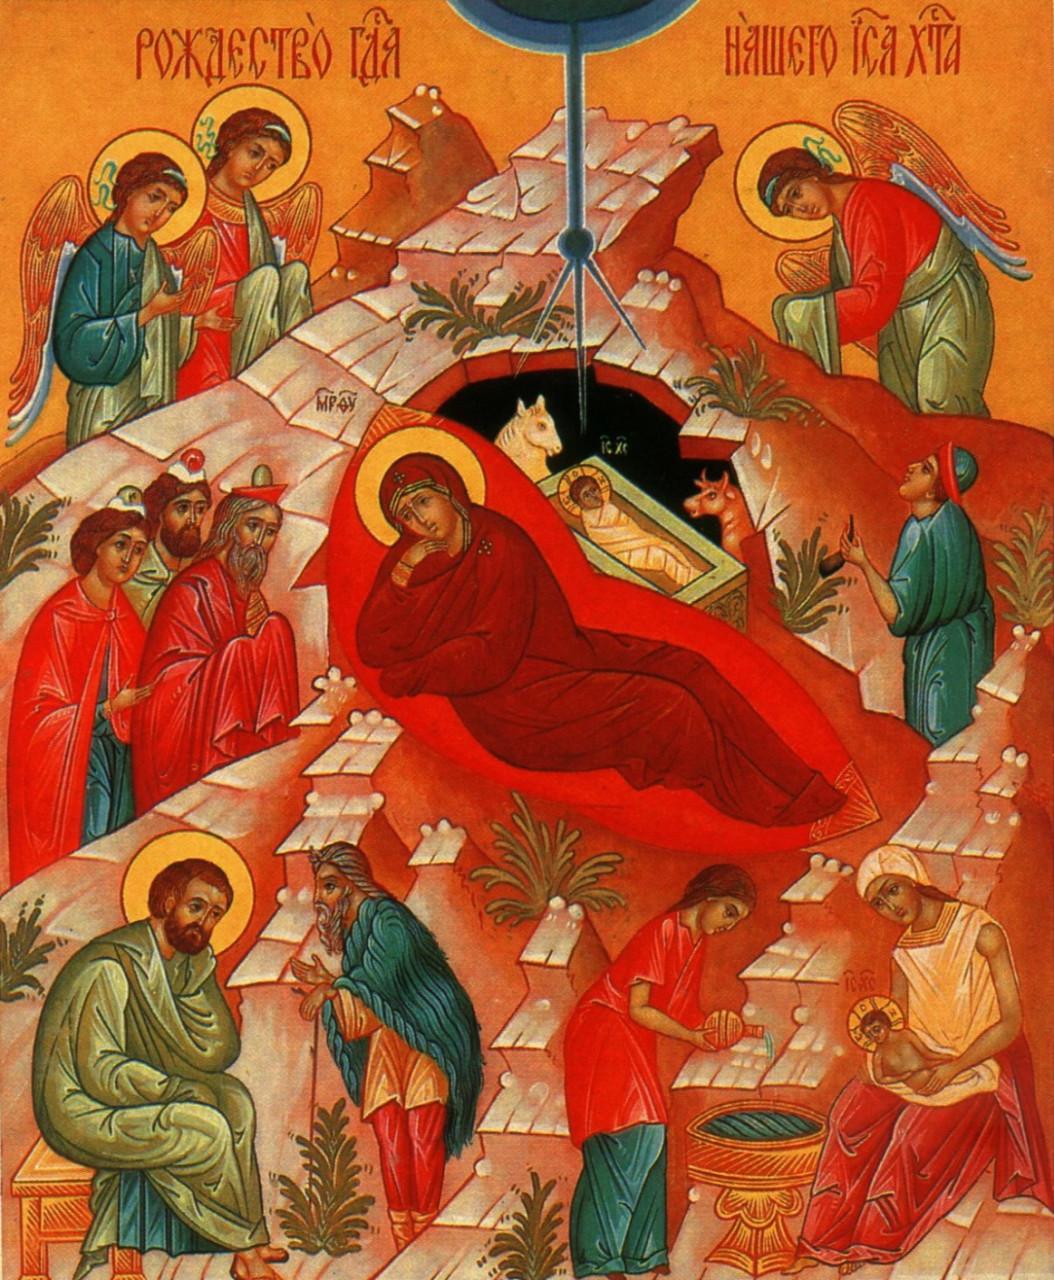 Какой сегодня праздник: 7 января 2020 отмечается церковный праздник Рождество Христово в России